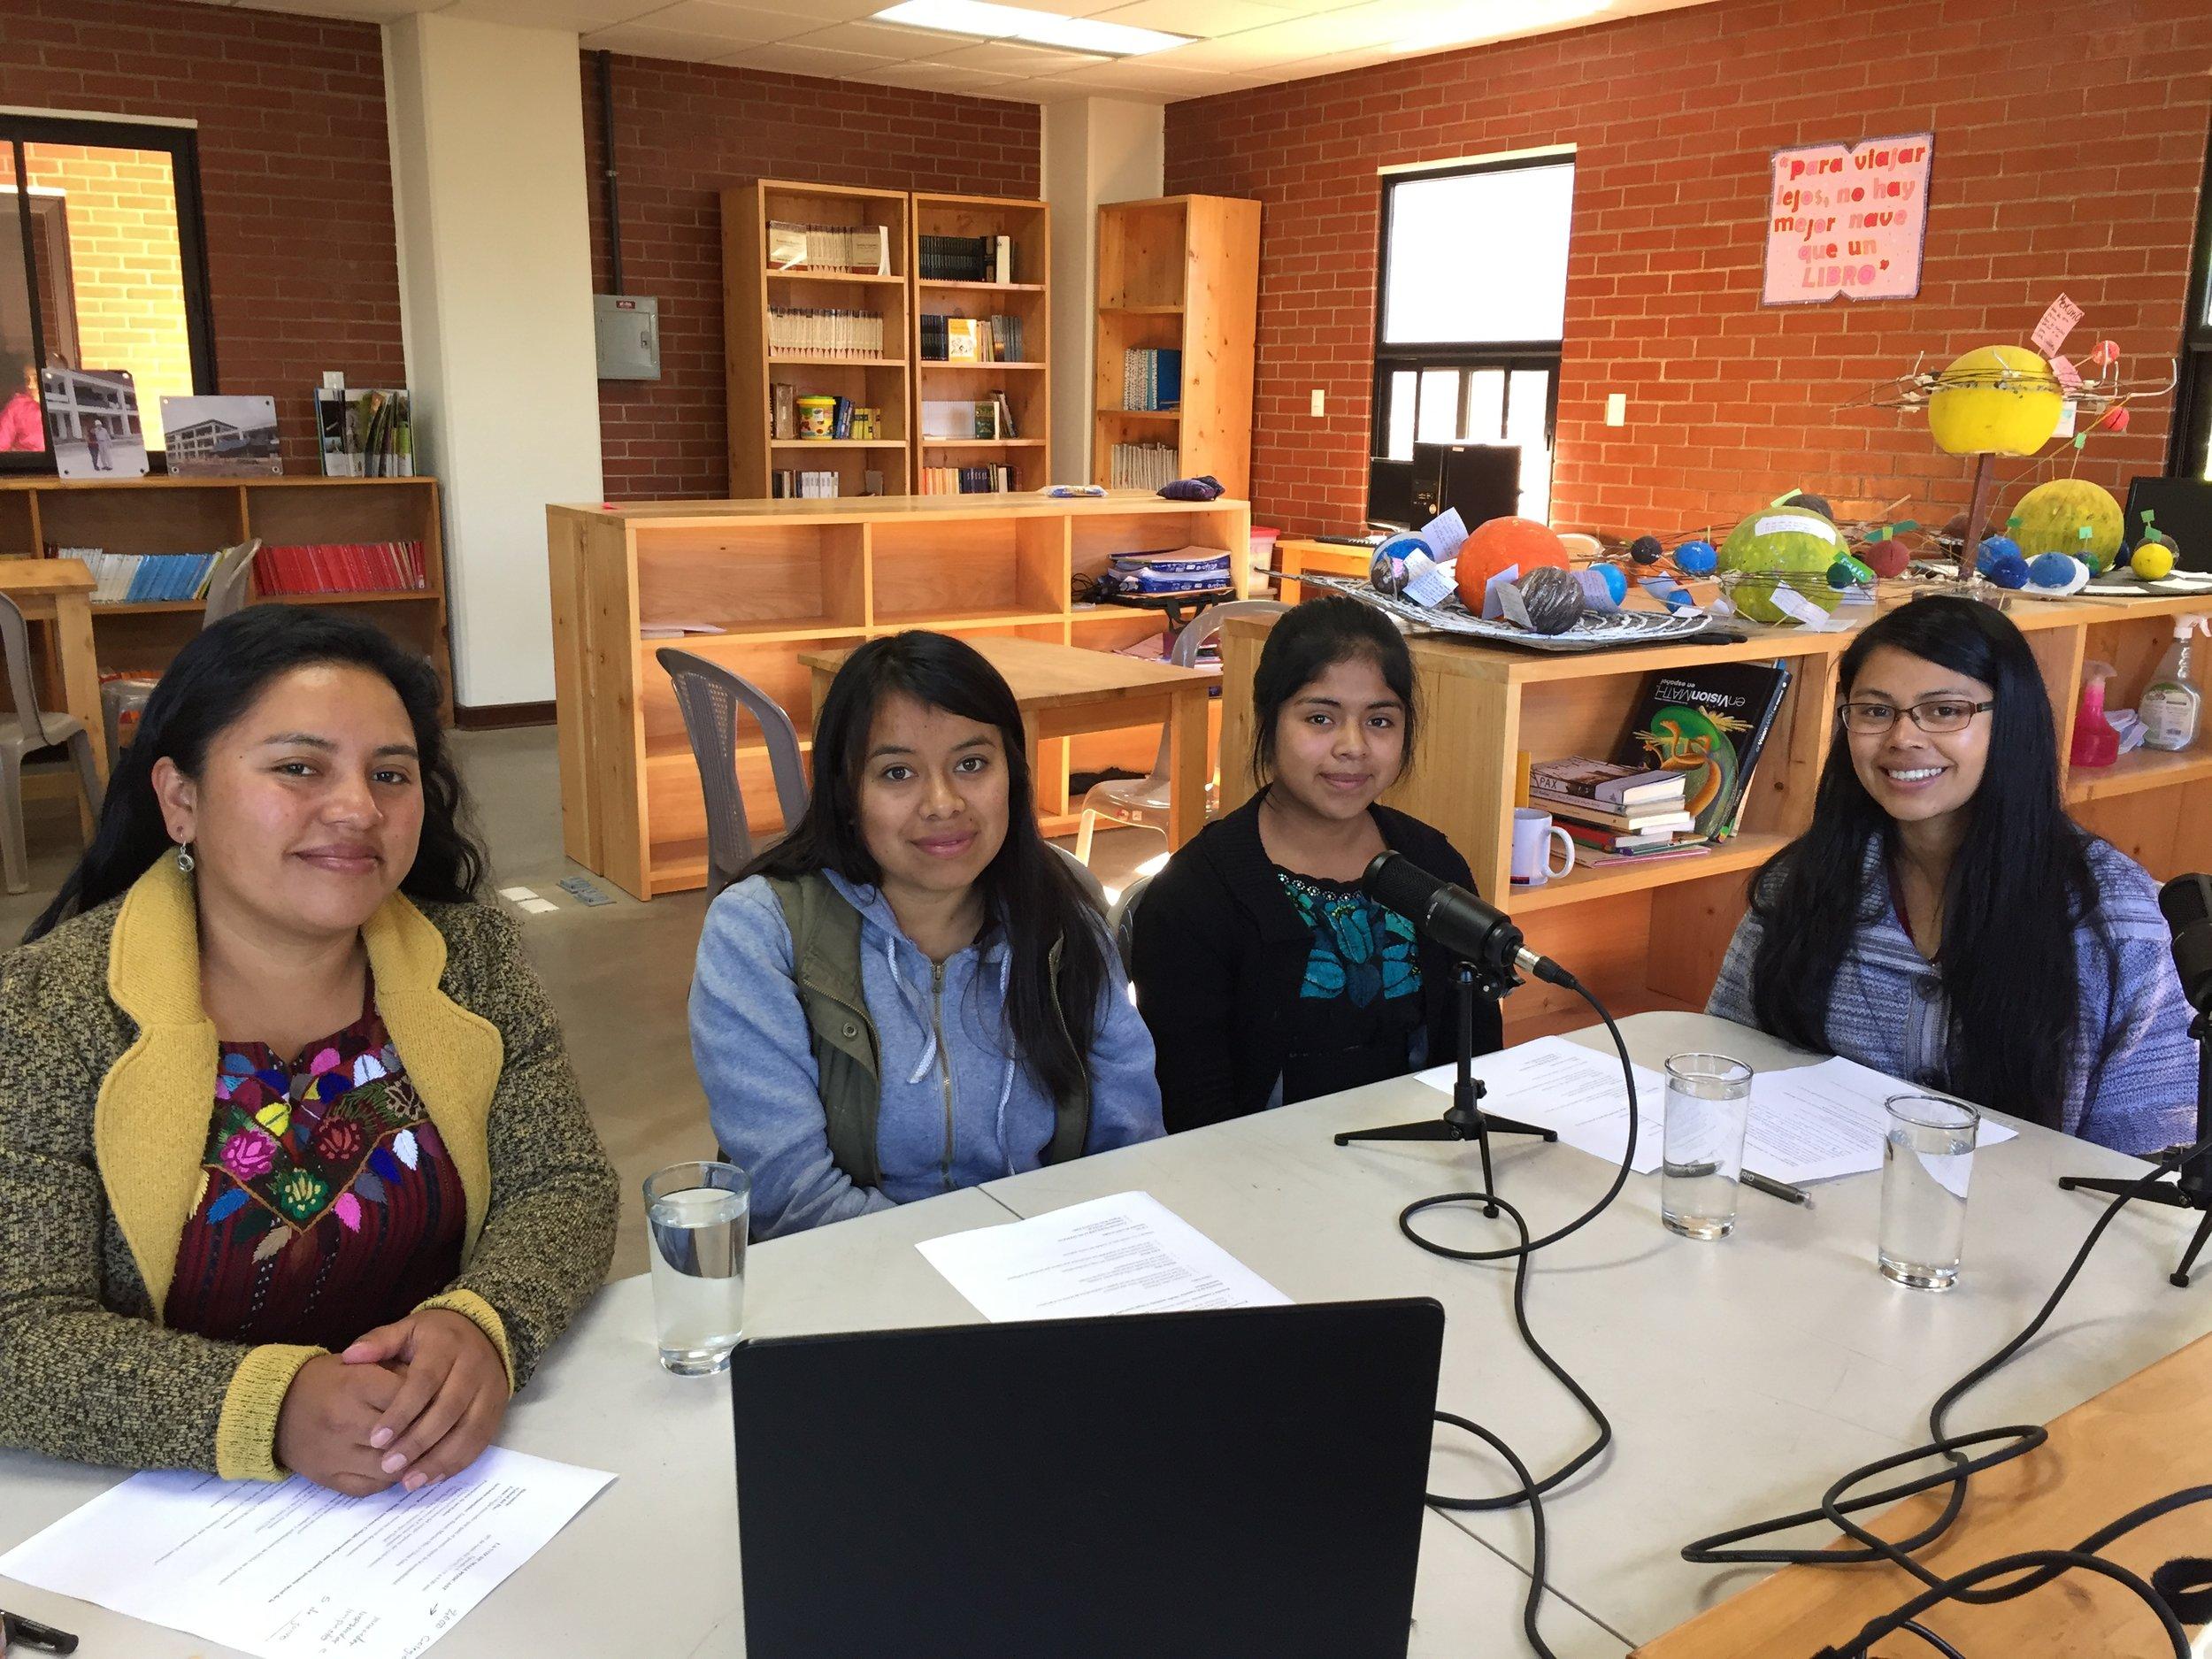 Vilma, Marlen y Estér nos cuentan sobre las iniciativas de MAIA para fomentar la sostenbilidad con jóvenes, personal y las familias.